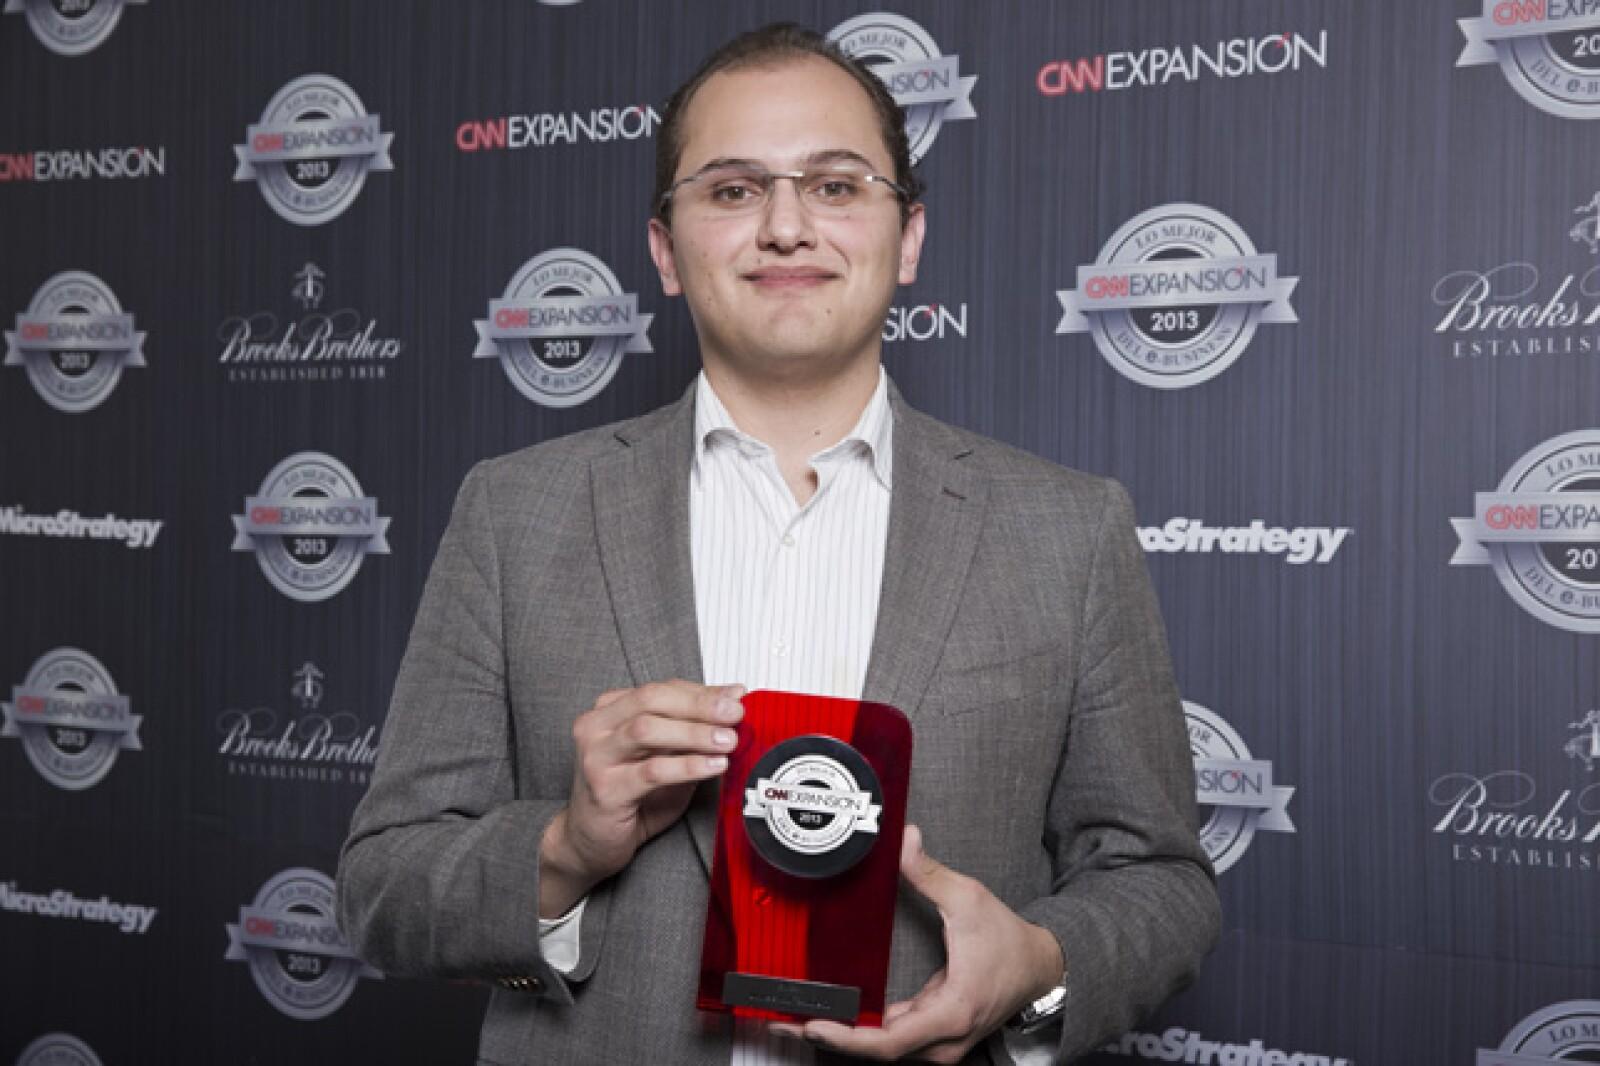 El vicerrector de Vinculación y Mercadotecnia de Universidad TecMilenio, recibió a nombre de su equipo el galardón al Mejor proyecto de Educación. CNNExpansión reconoció su proyecto Feria Virtual de Inscripciones. Los Premios a lo Mejor del e-Business nac